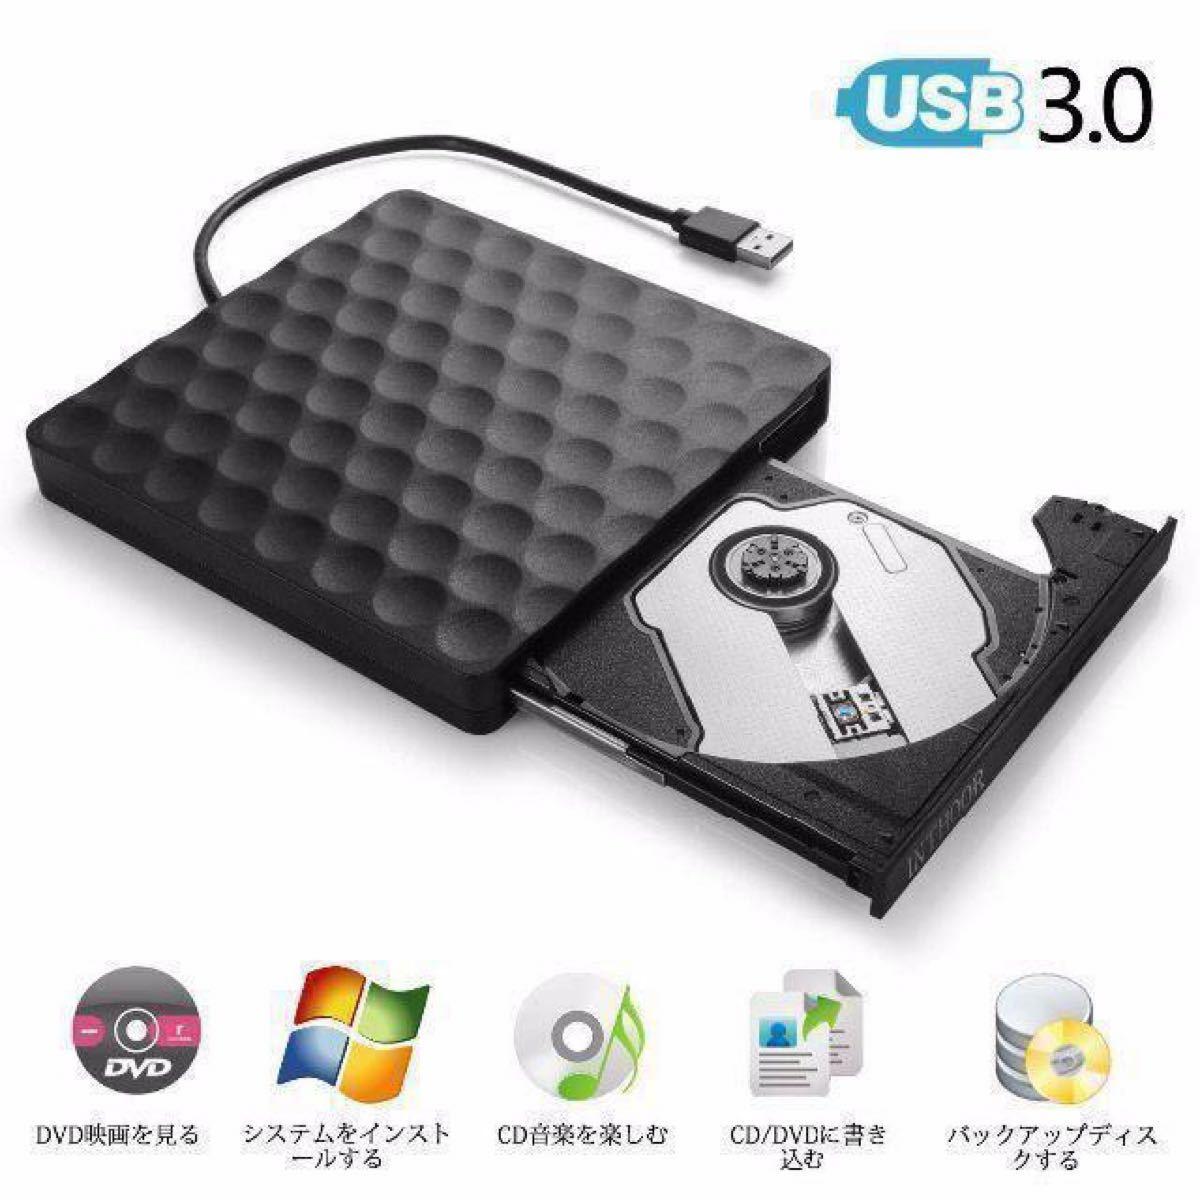 DVDドライブ USB3.0 CD-RW DVD 外付けDVDドライブ DVD±RW